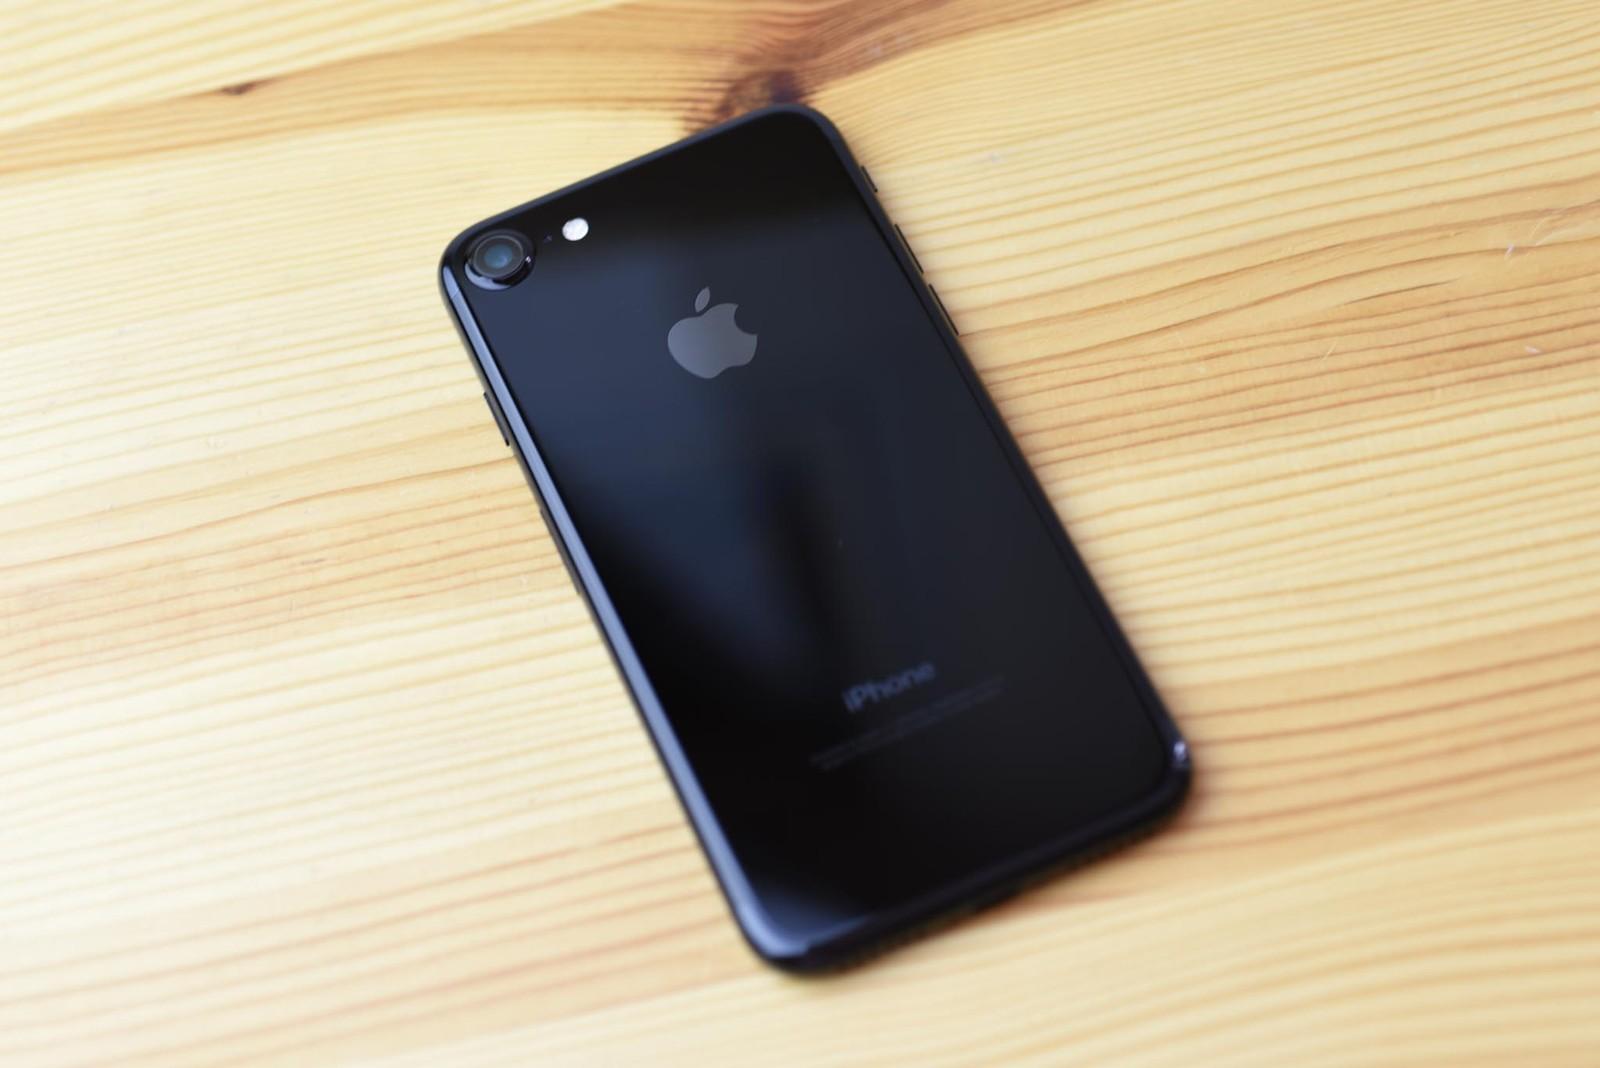 iphone-7-jet-black-macro-5